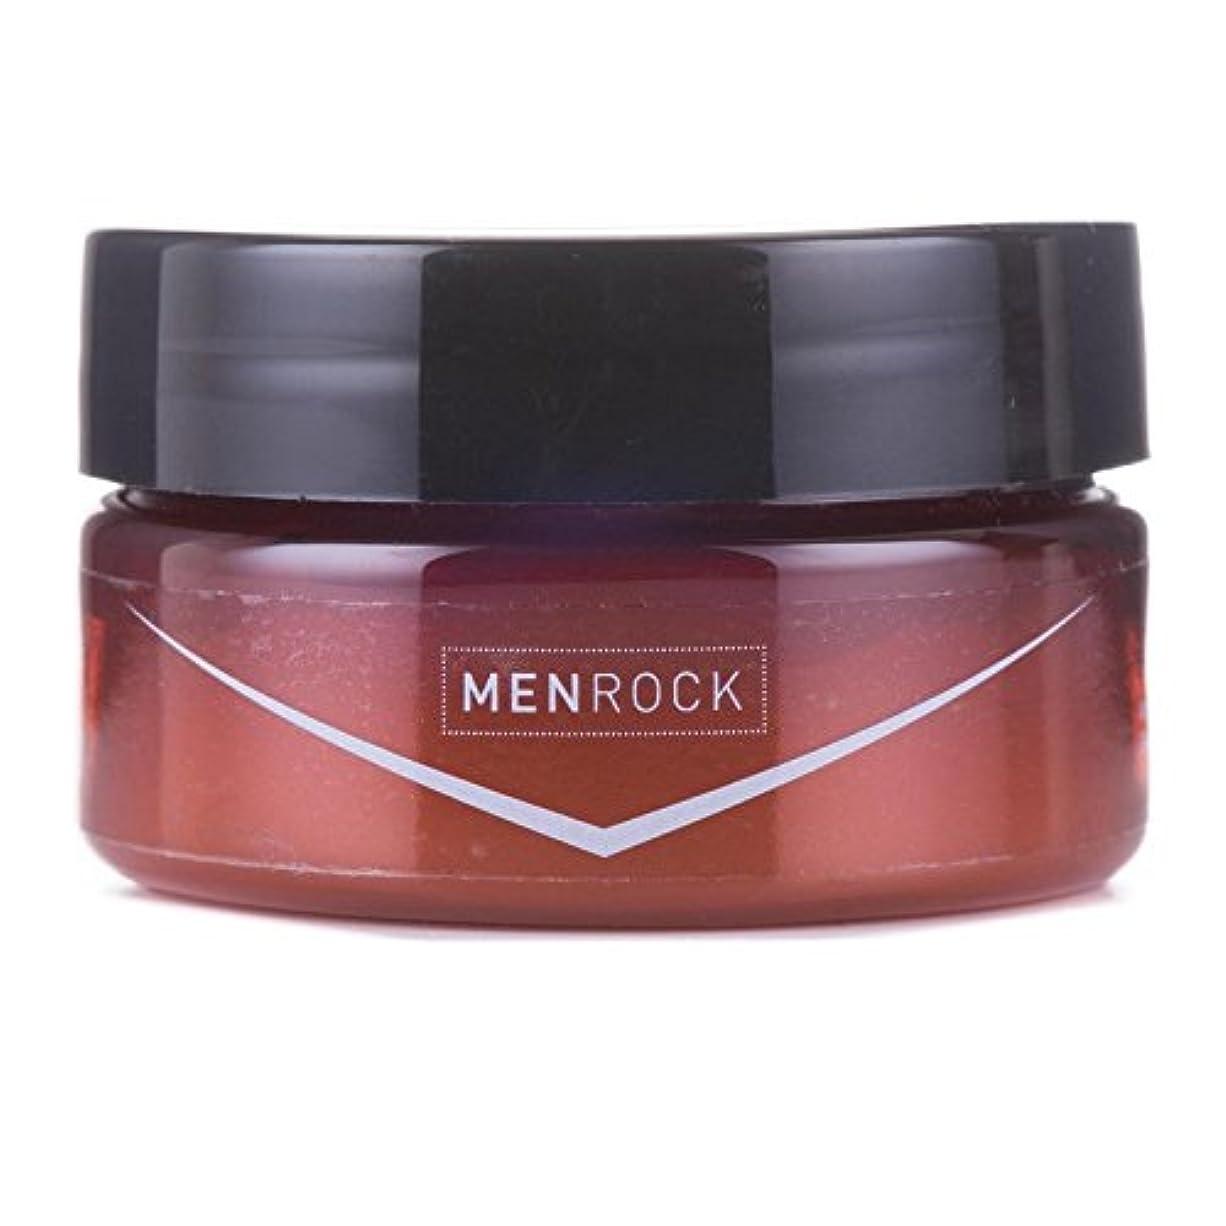 ボリューム横向き屋内男性の岩白檀口ひげワックス x4 - Men Rock Sandalwood Moustache Wax (Pack of 4) [並行輸入品]